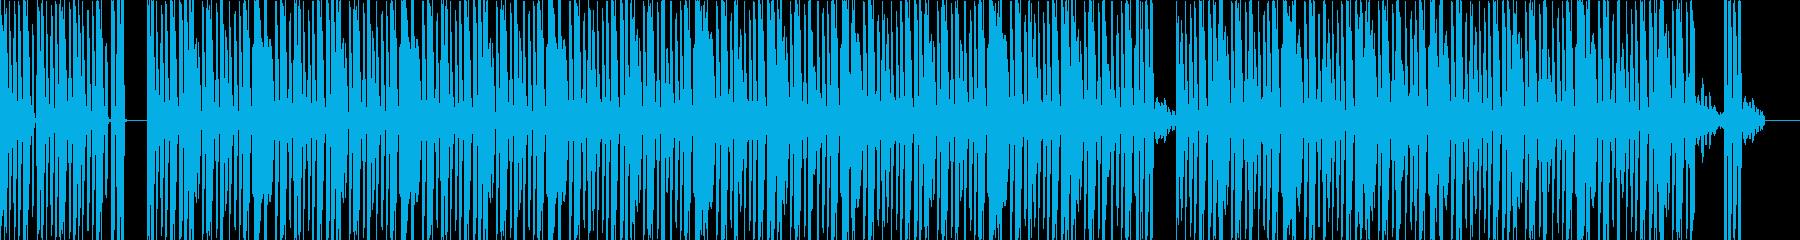 ライブ風の緊張感に引き込まれるビートの再生済みの波形